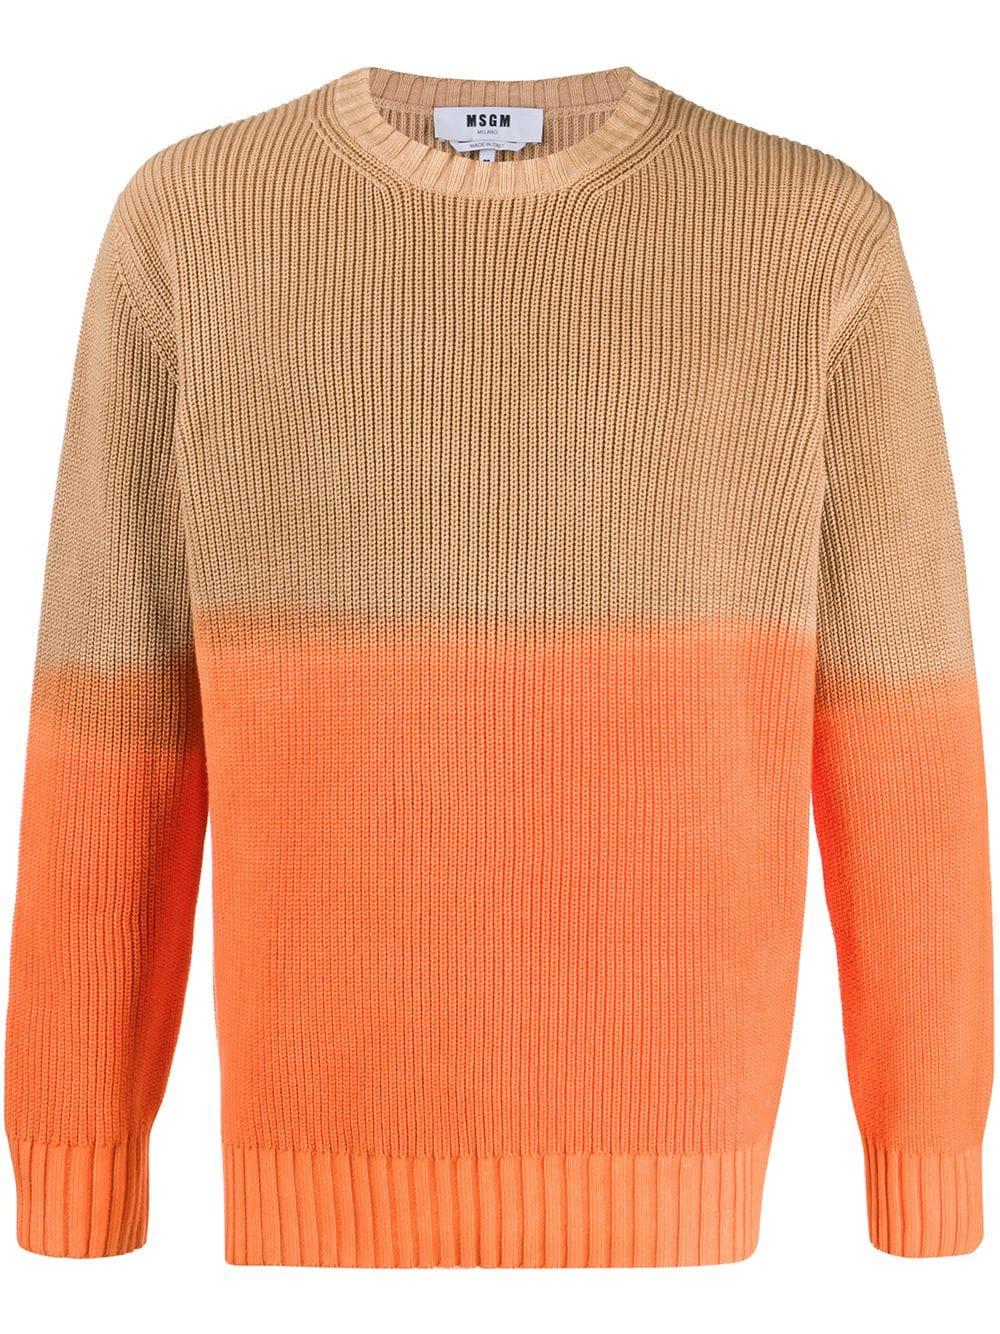 MSGM maglione bicolore